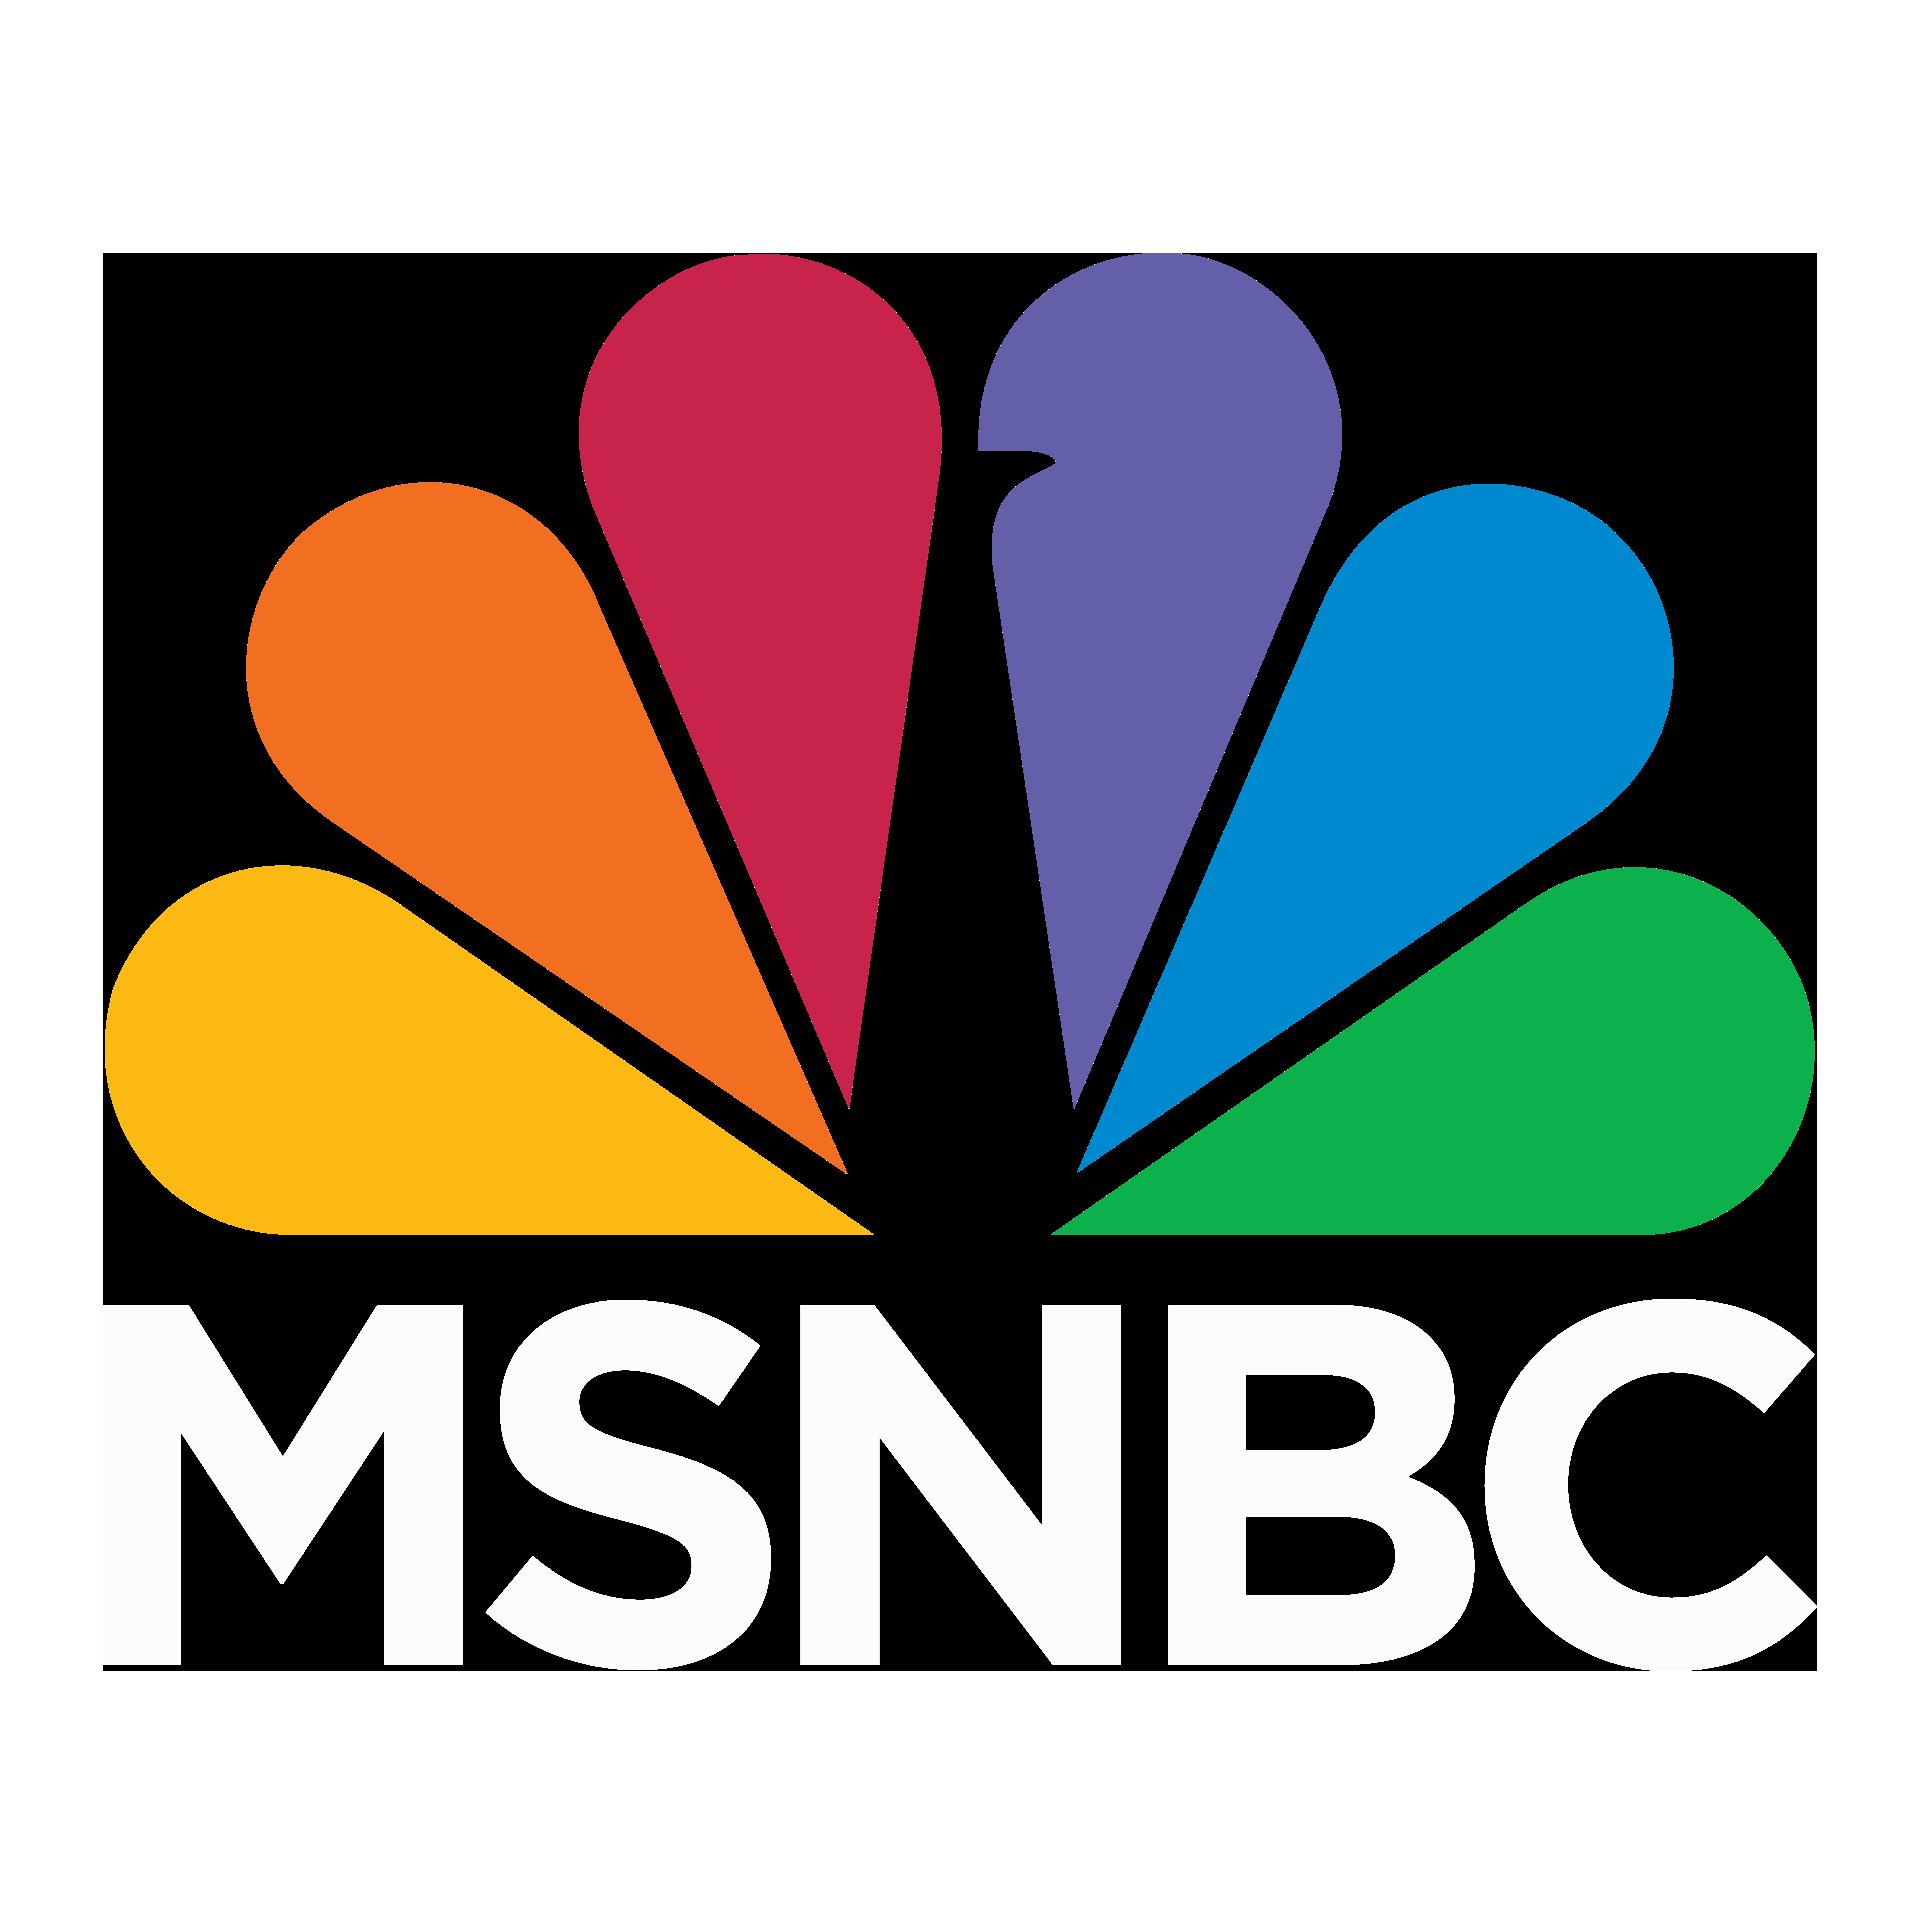 msnbc-color-square-dvt.png